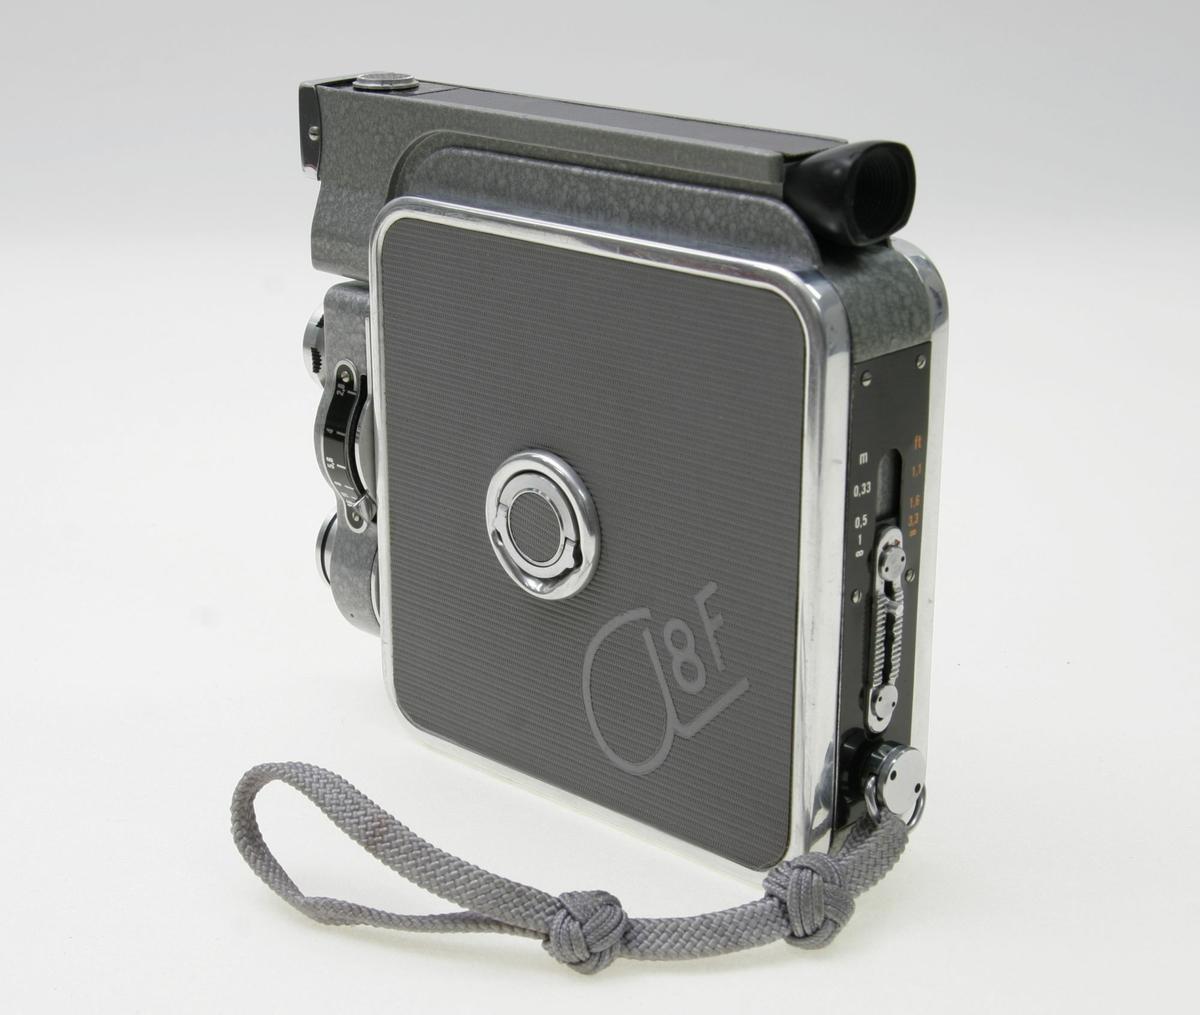 Filmamera I original lærveske med skulderreim med handtak for kameraet. Brennvidde 12,5mm. Blender 2,8 - 16 (linse). Innebygd lysmåler. Justerbar søker. 16 bilder i sekundet. Instillinger for ASA (lysfølsomhet). Zoom 0 - 7,5m. Handtak på sida for å spole filmen. Liten vridbar knapp på andre sida av kameraet for å åpne inn til fimen.